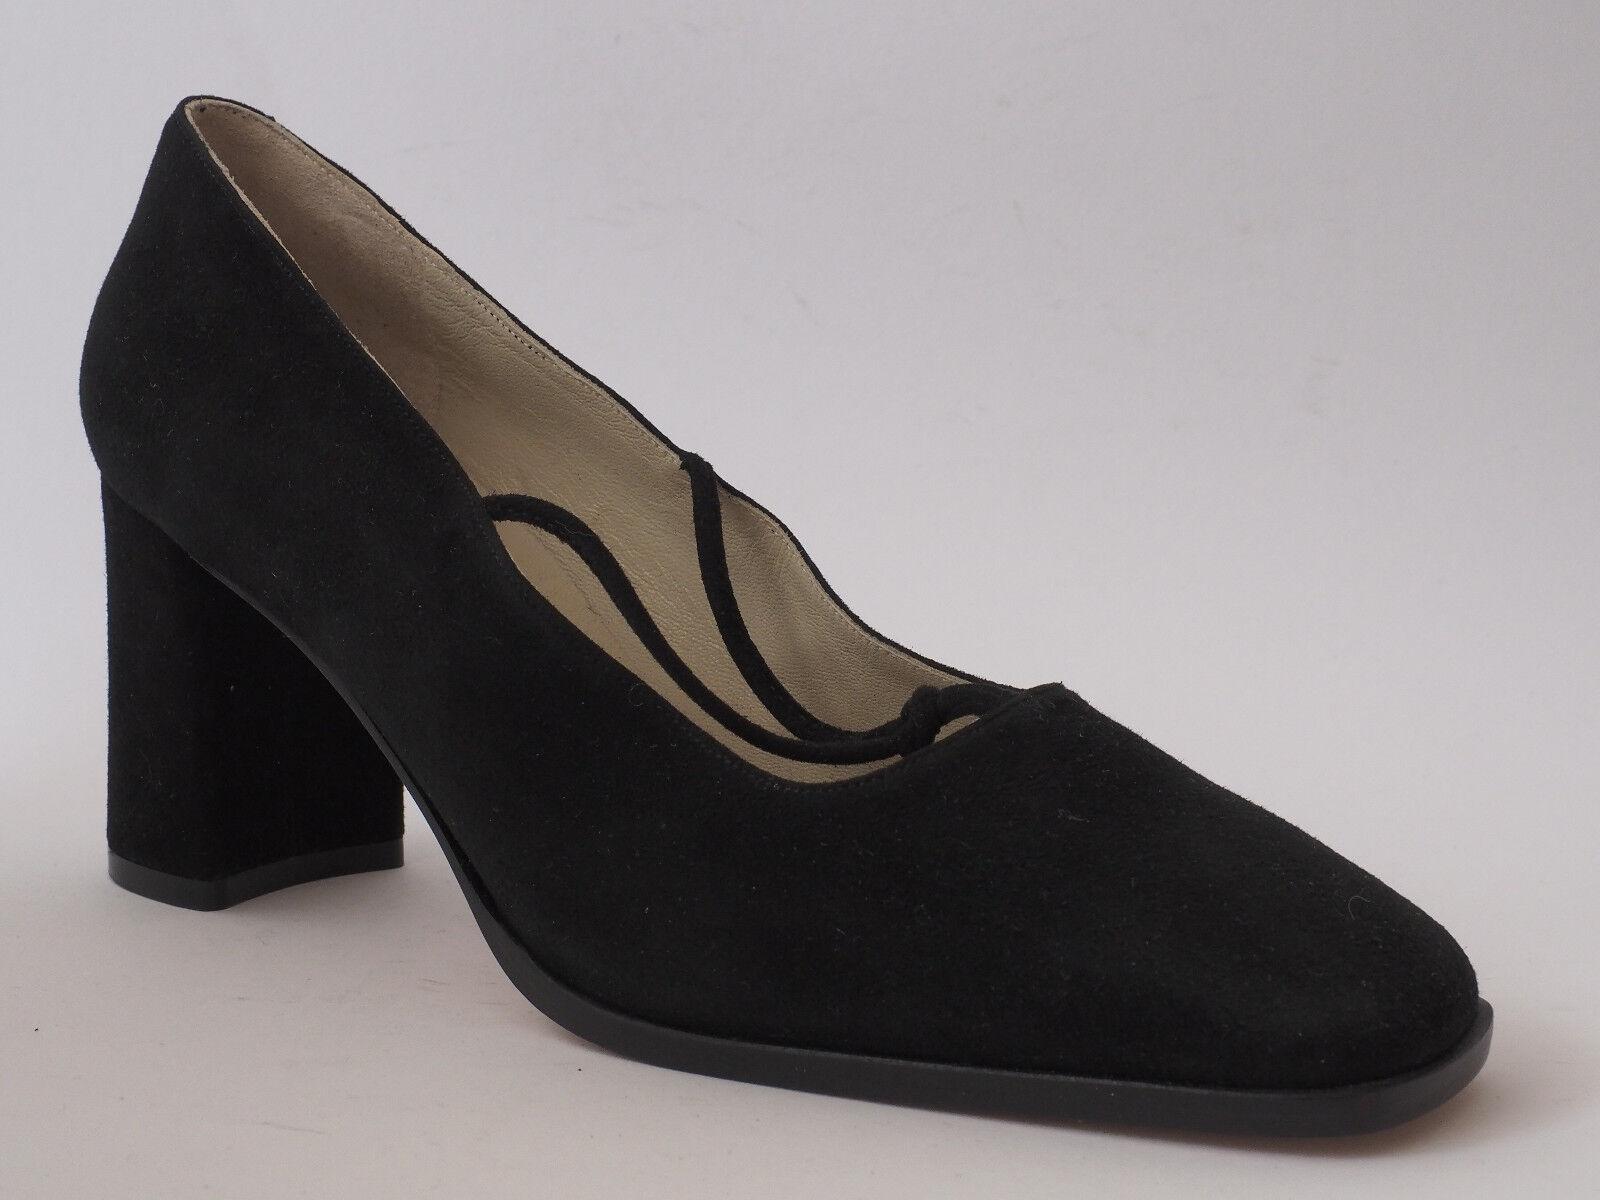 Montbui 1960 Ladies shoes Evening shoes 40,5 Leather Black Court shoes New